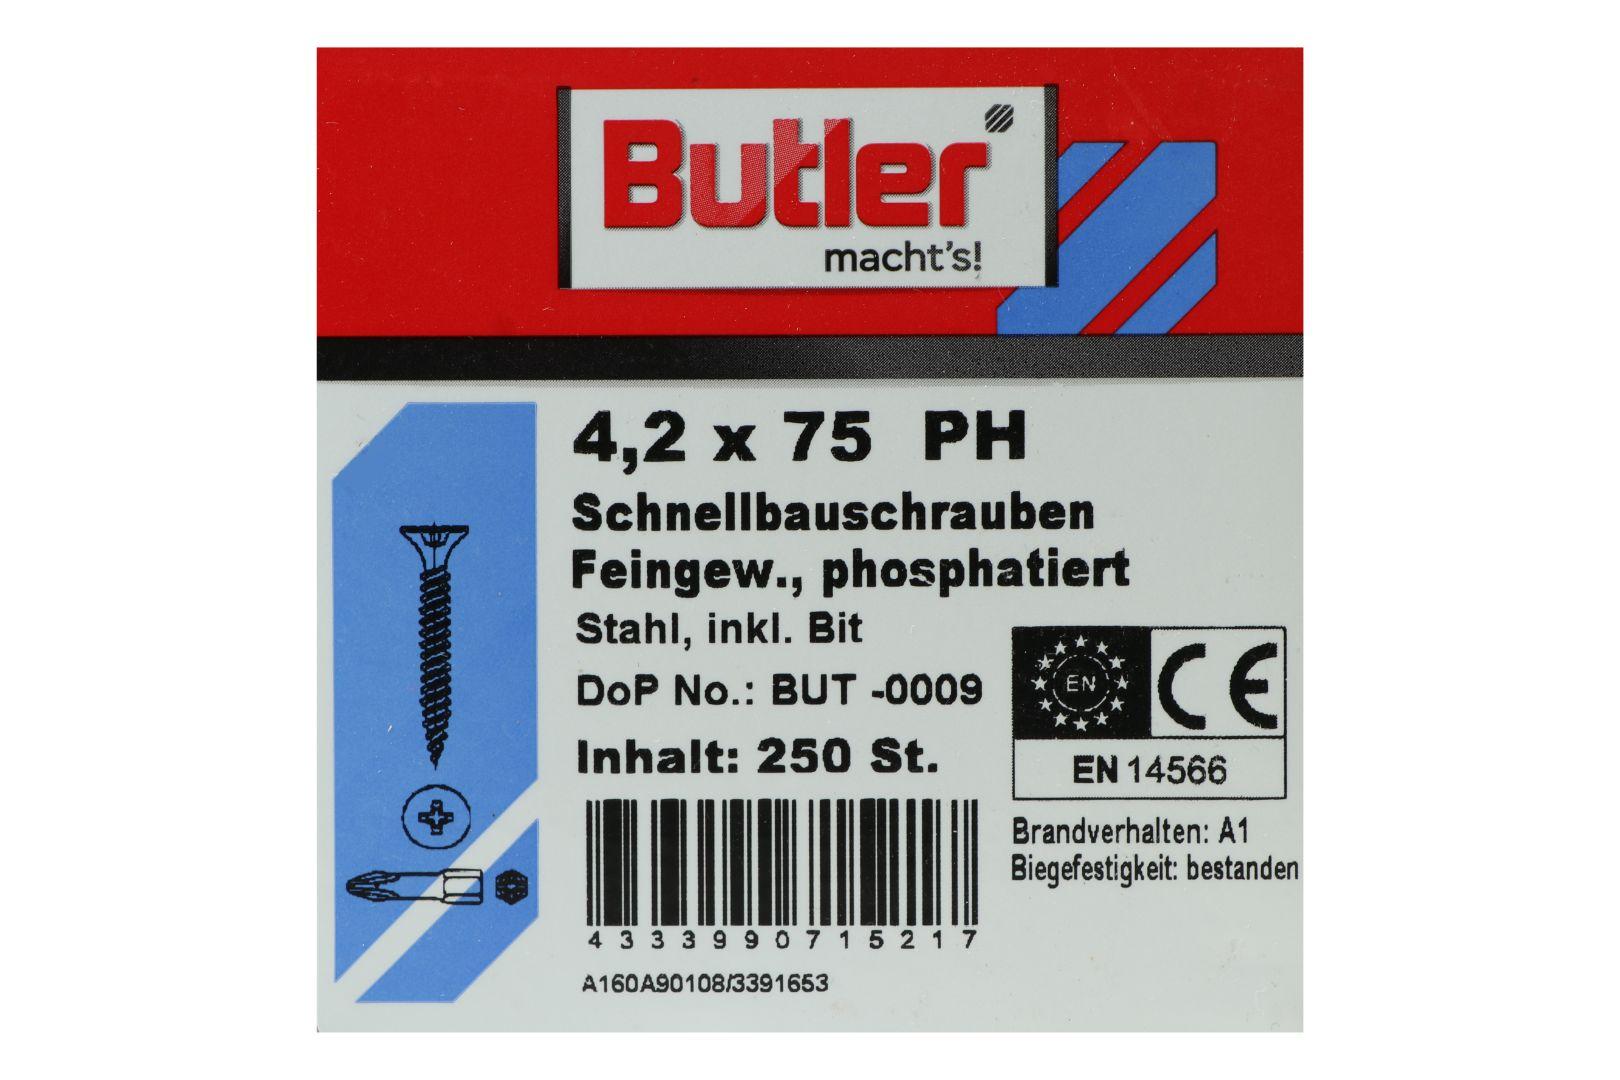 Butler macht's! Schnellbauschrauben inkl. Bit für Gipsplatten auf Metall bis 0,6 mm, Feingewinde, PH2, 4,2 x 75 mm, 250 Stück